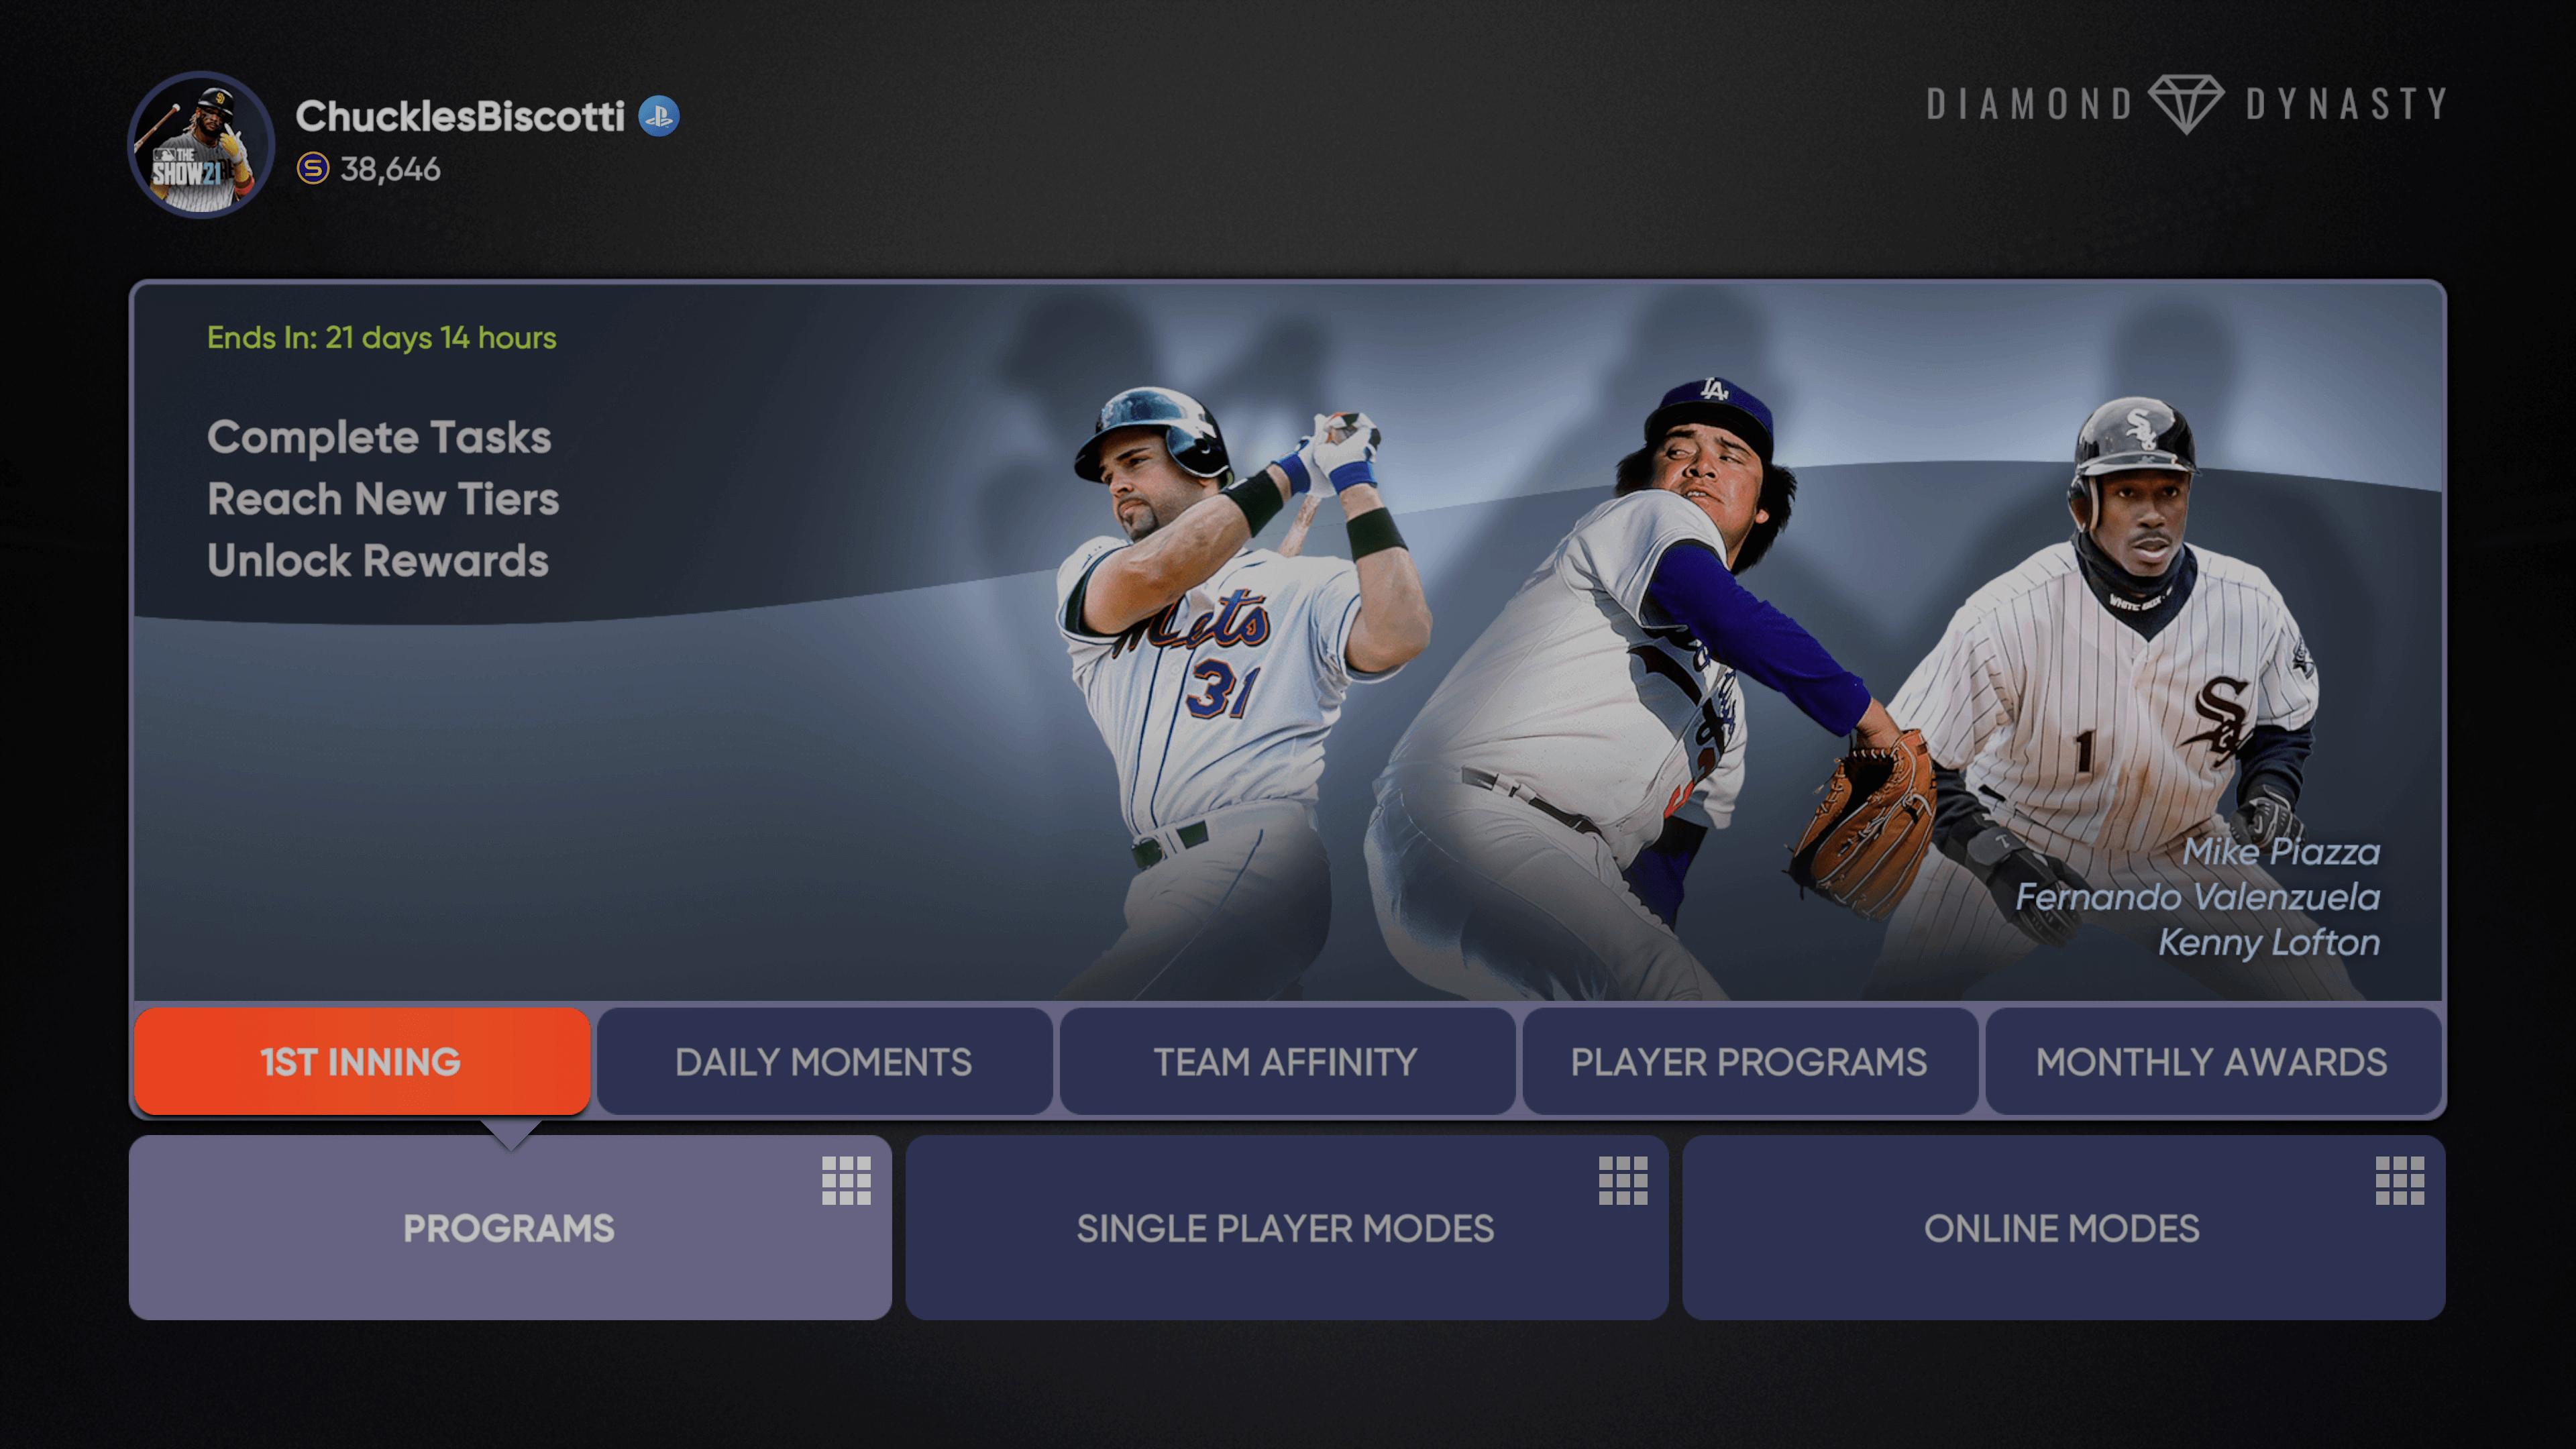 MLB The Show 21 - 1st Inning Program